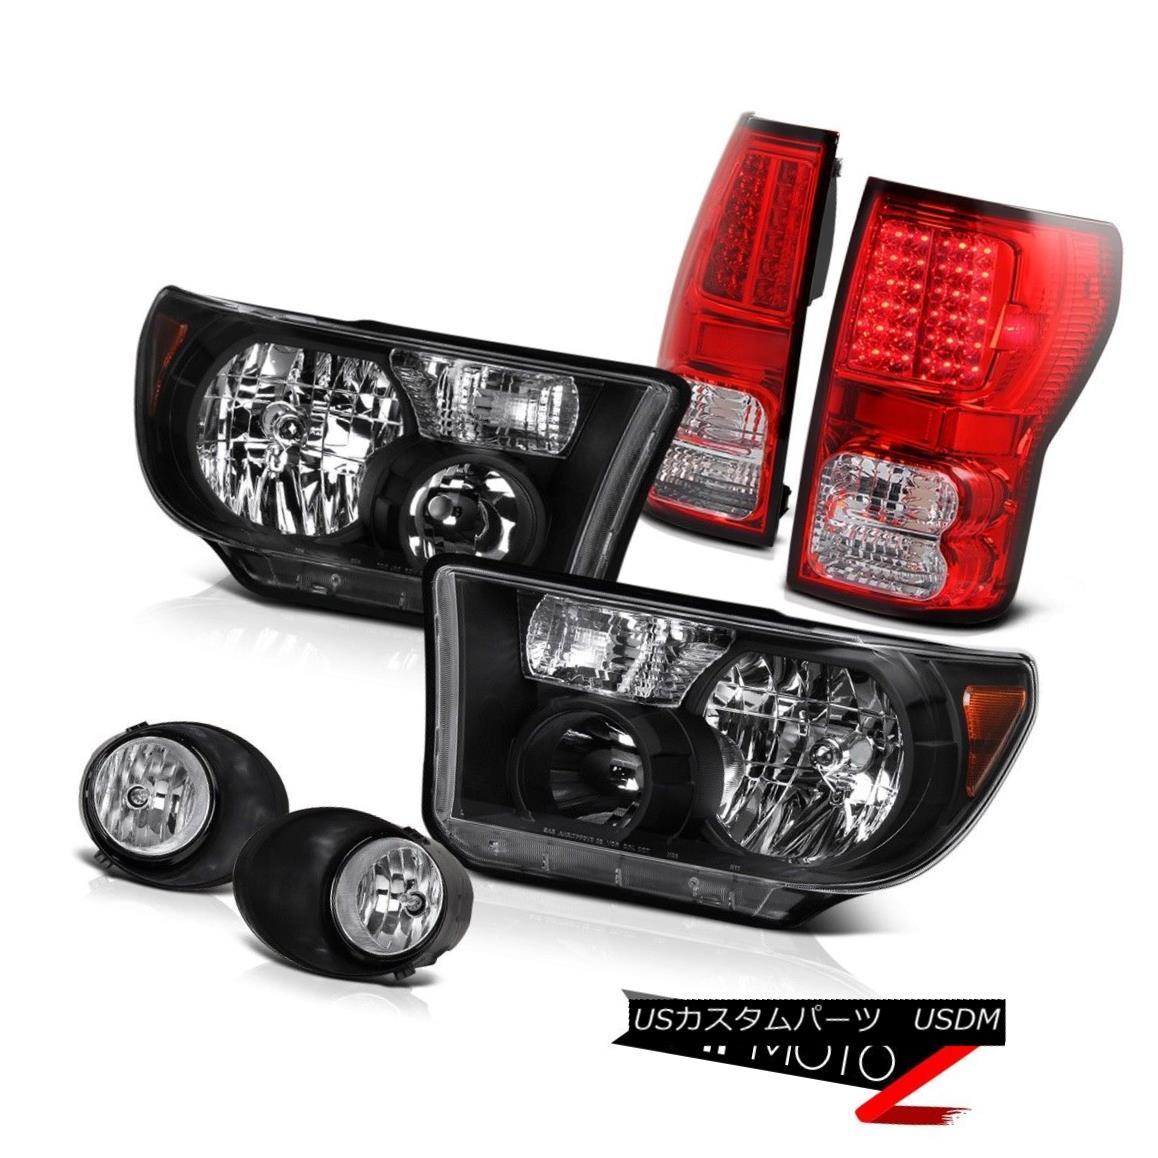 テールライト Black Headlight+Led Tail Light+Fog Lamp 6PC COMBO 07-2013 Toyota Tundra ブラックヘッドライト+ Ledテールライト+フォグランプ6PC COMBO 07-2013 Toyota Tundra